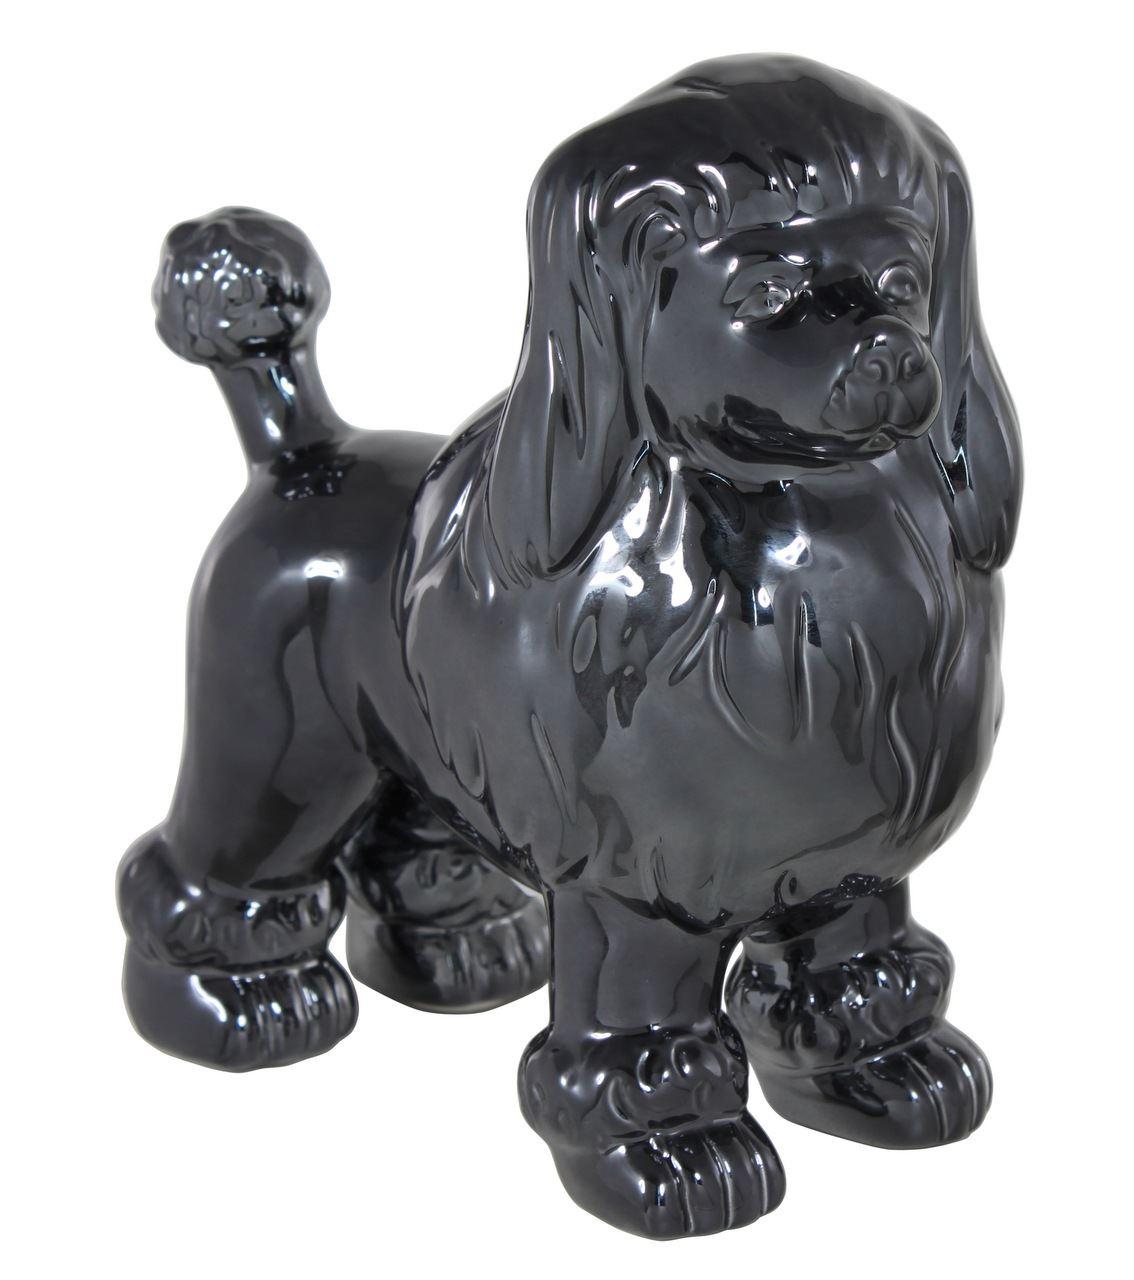 20.5cm Poodle Decoration Dark Sculpture Home Decor